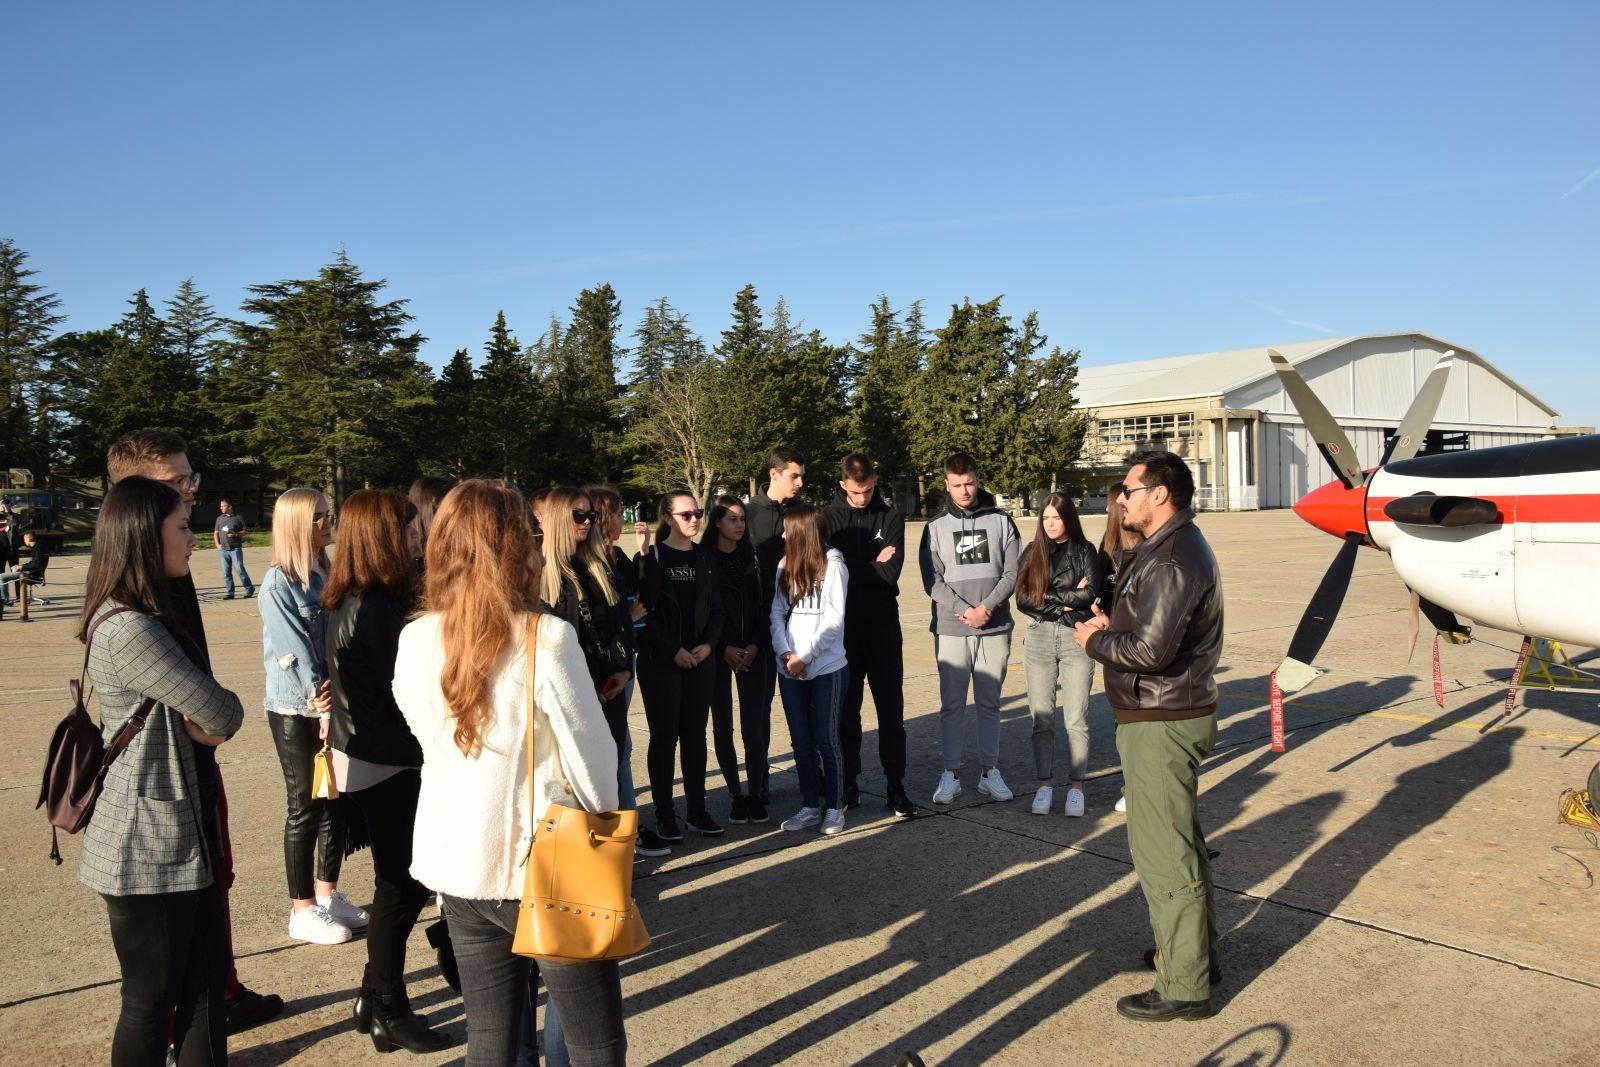 Srednjoškolci iz Drniša posjetili bazu u Zemuniku